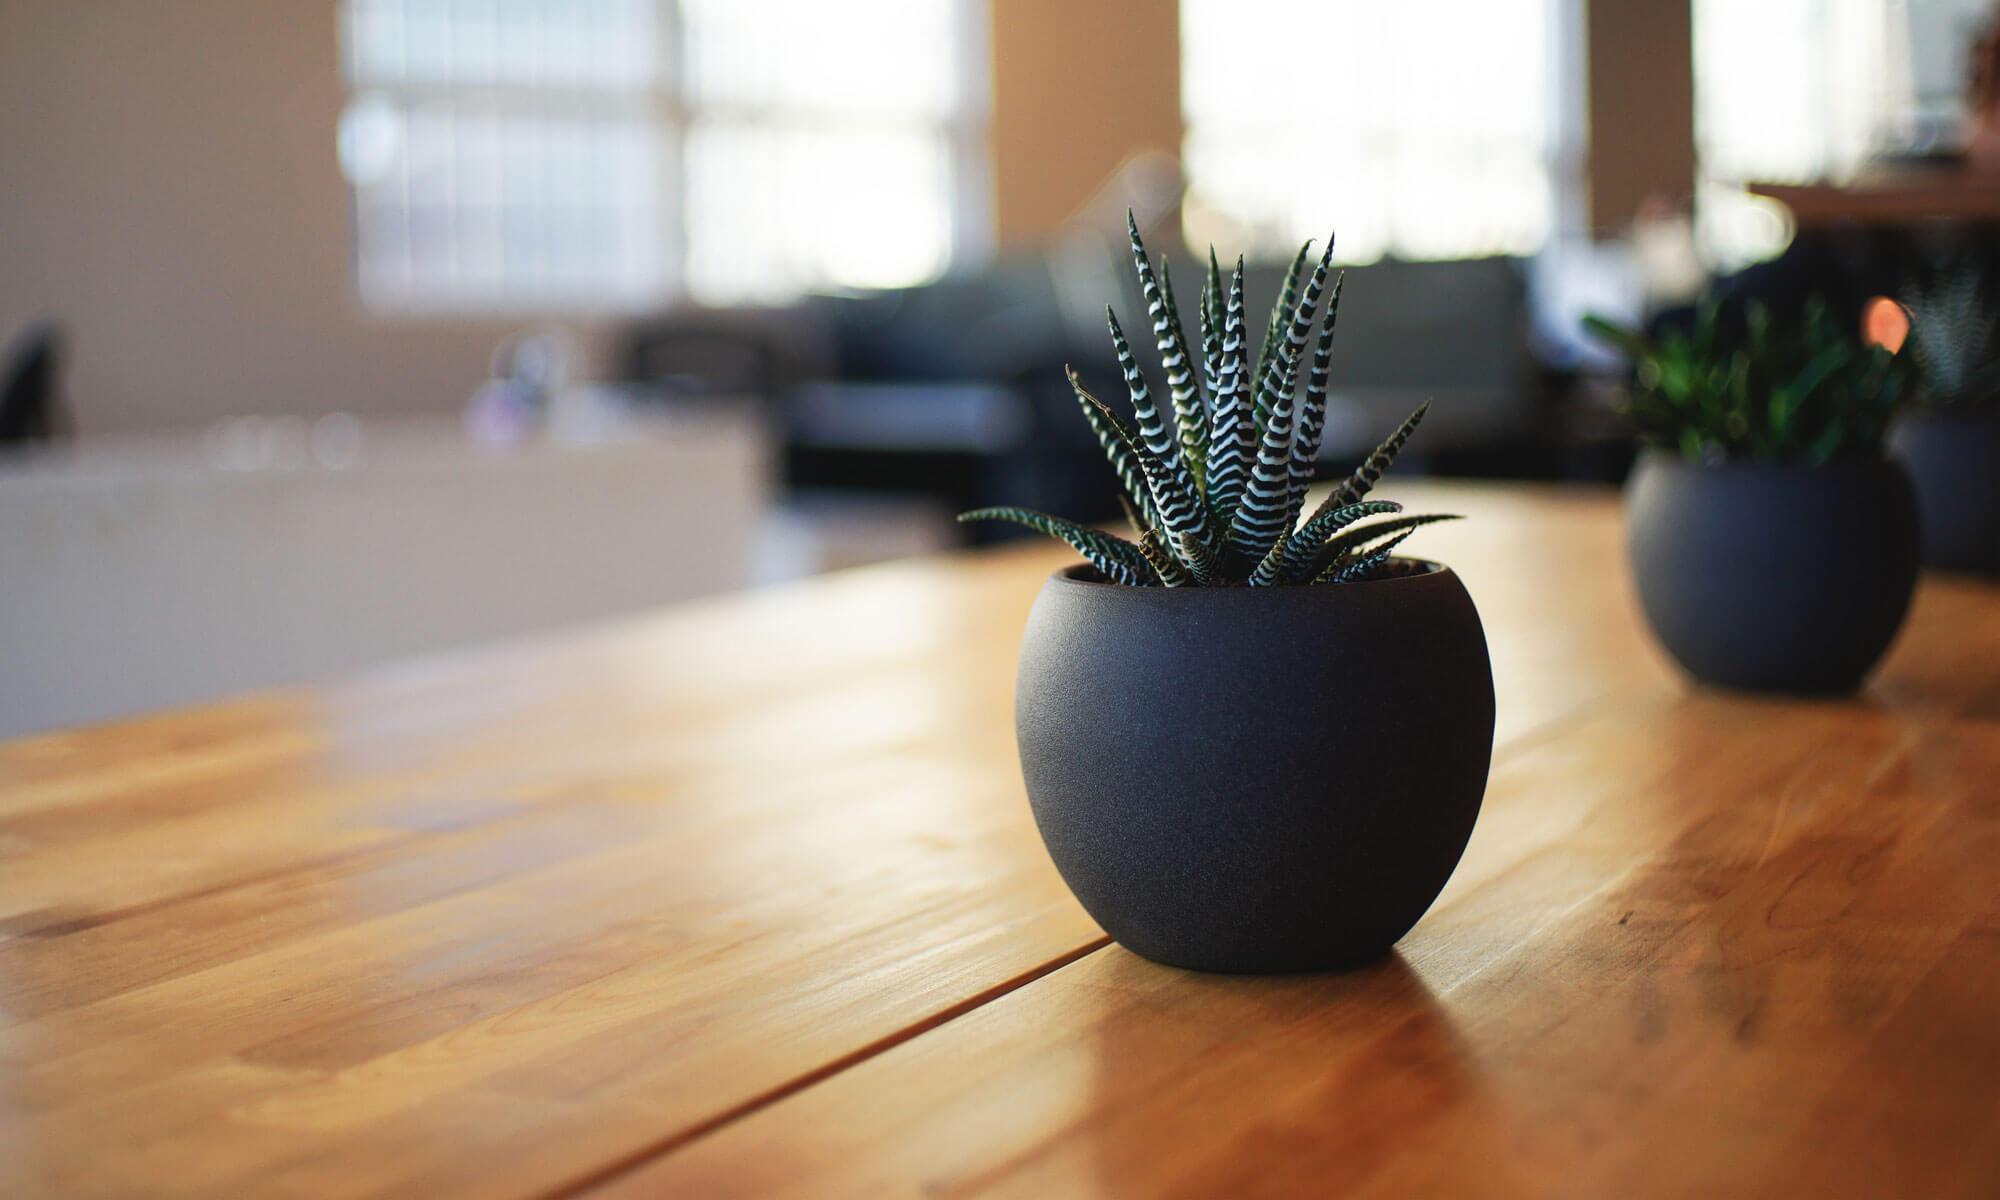 財務一郎の「経営をラクにする財務ブログ」